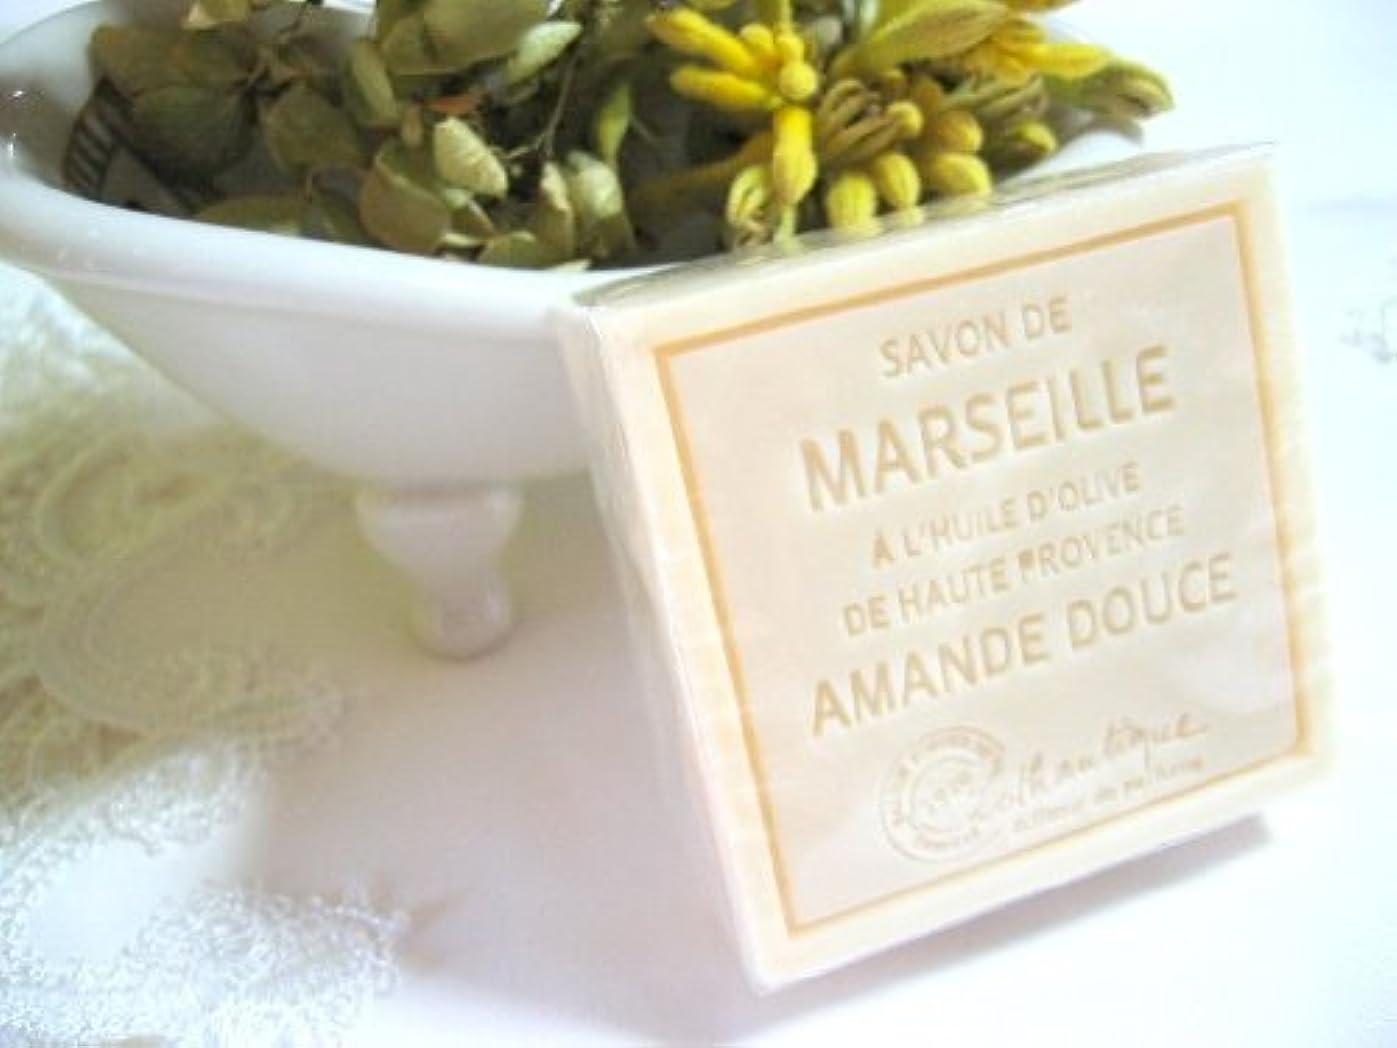 思慮深いビット軽減Lothantique(ロタンティック) Les savons de Marseille(マルセイユソープ) マルセイユソープ 100g 「アーモンド」 3420070038111